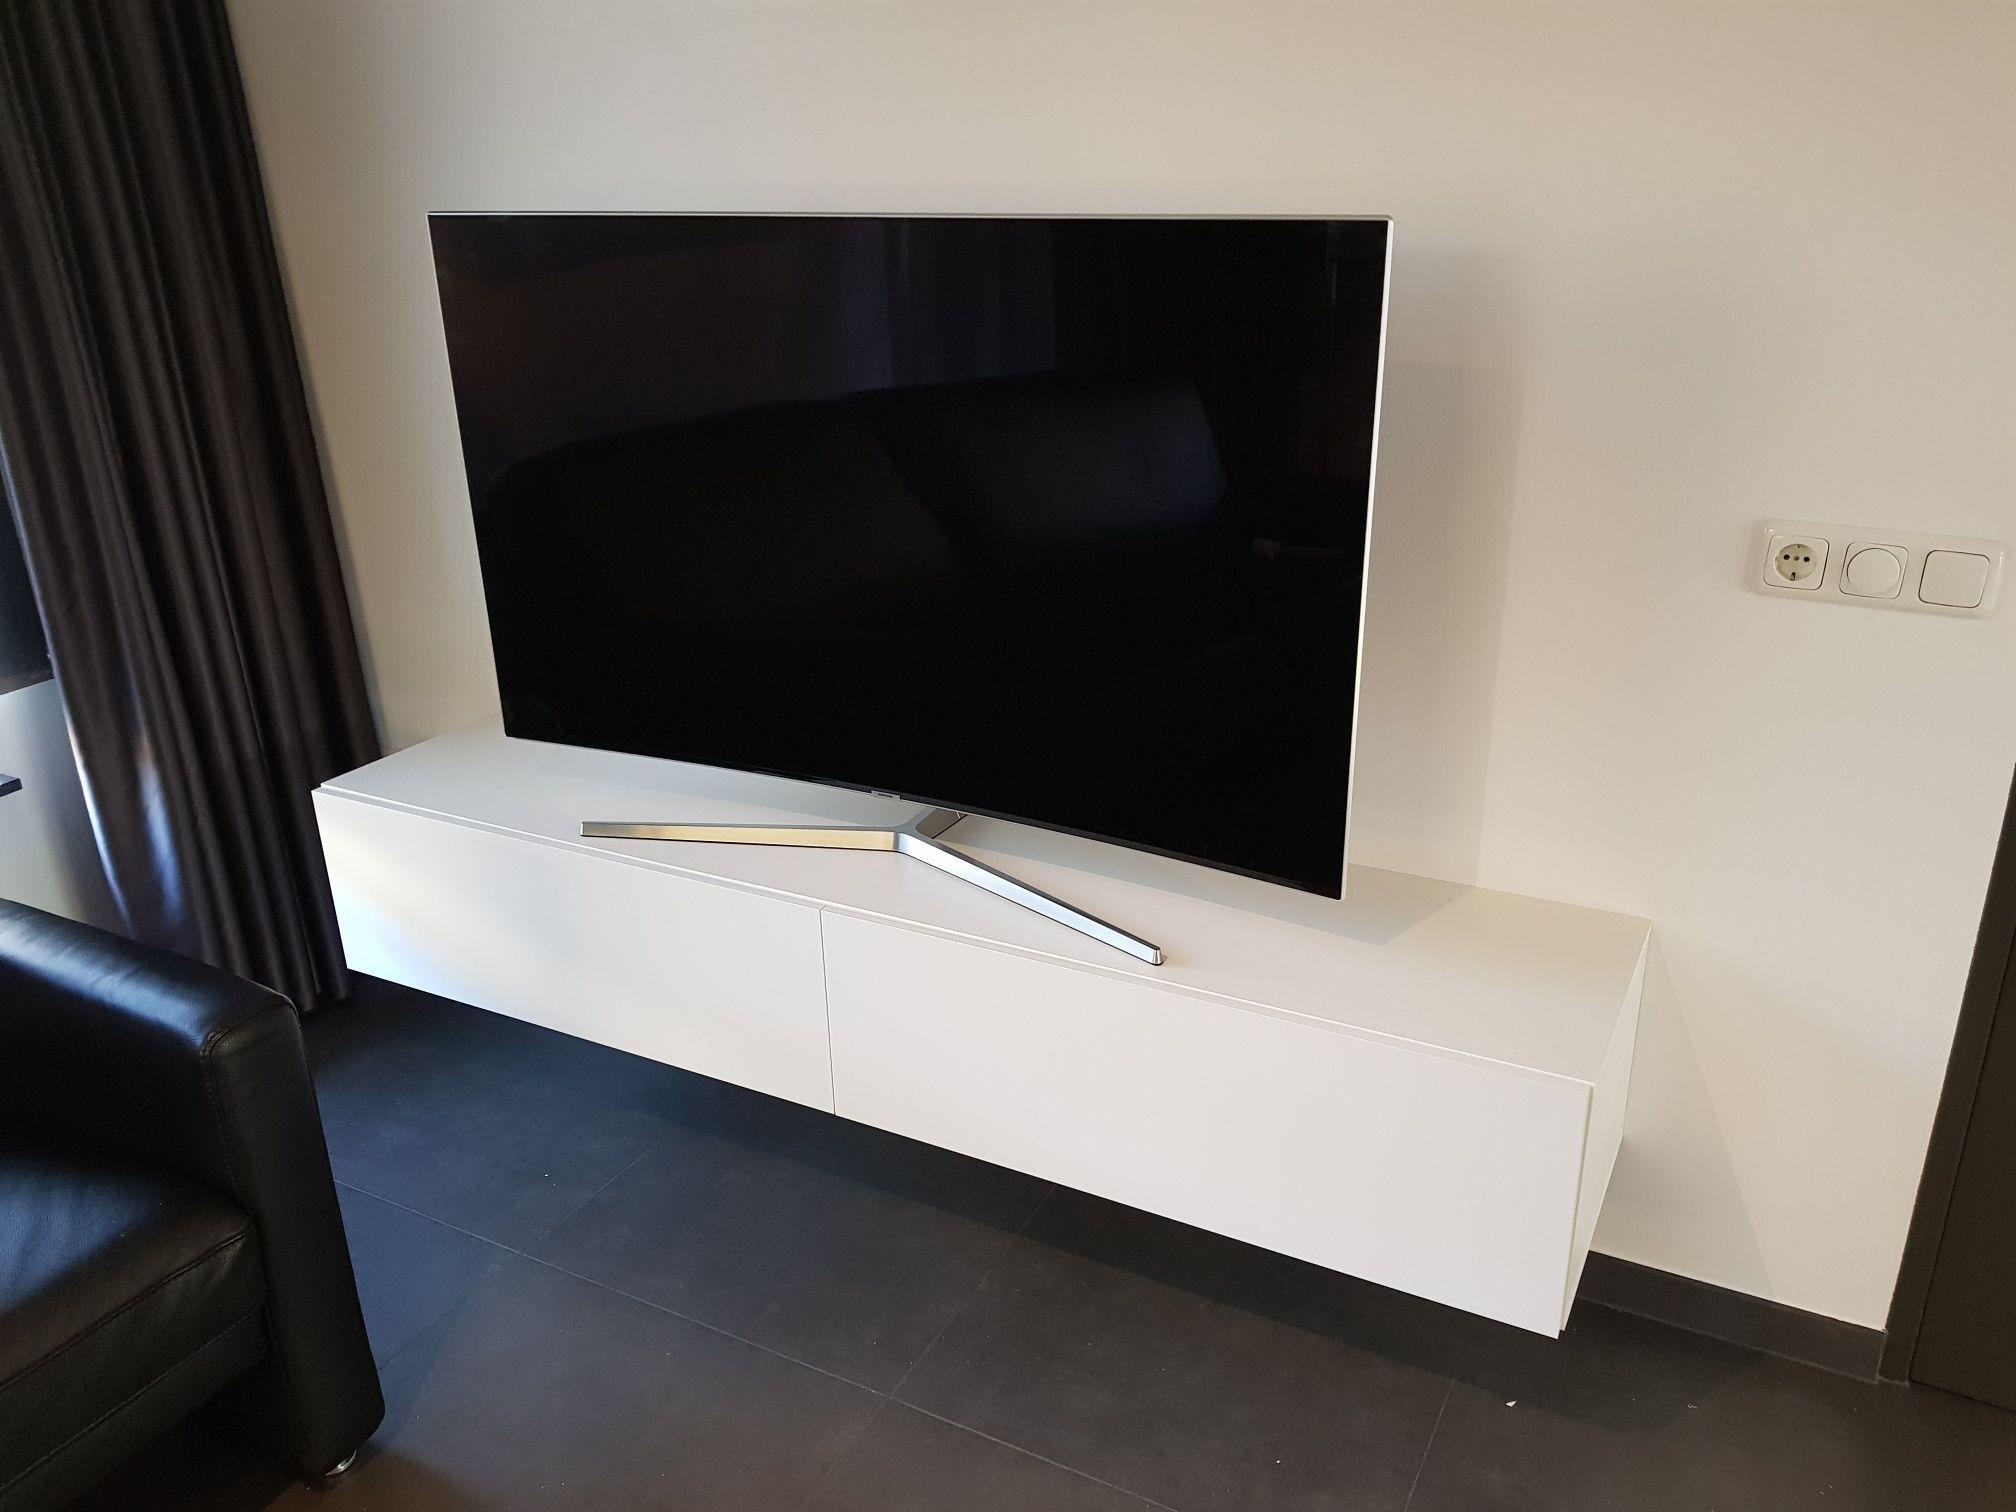 Tv Meubel Lido Is Een Modern Zwevend Tv Meubel Van 160 Cm